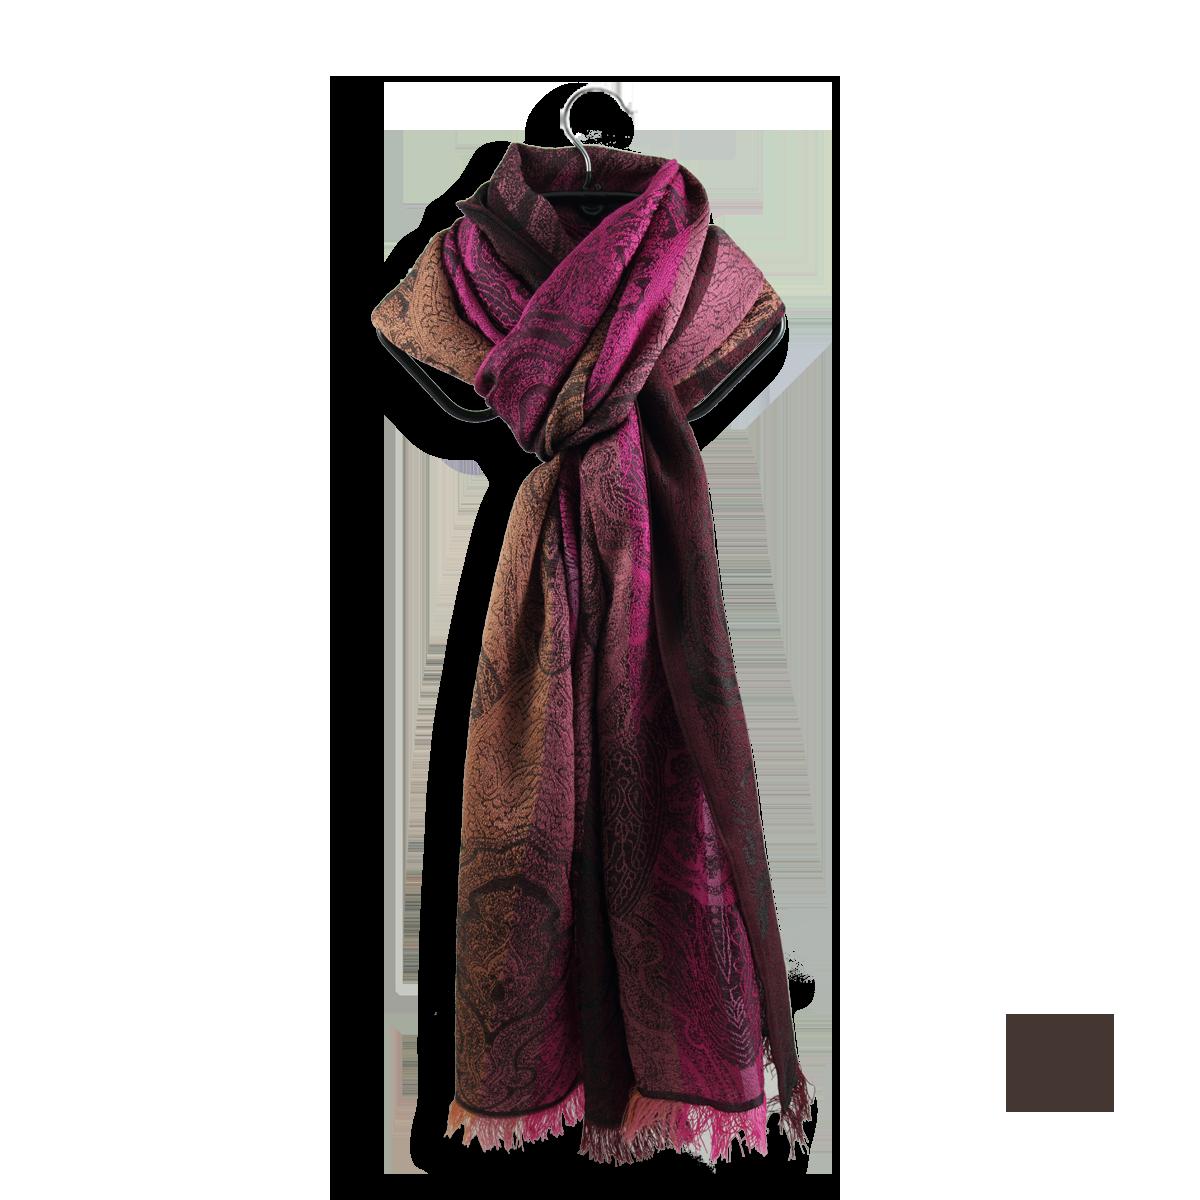 dc5e4d8131360 Echarpe Femme Rose en laine et soie - Très chic et élégante